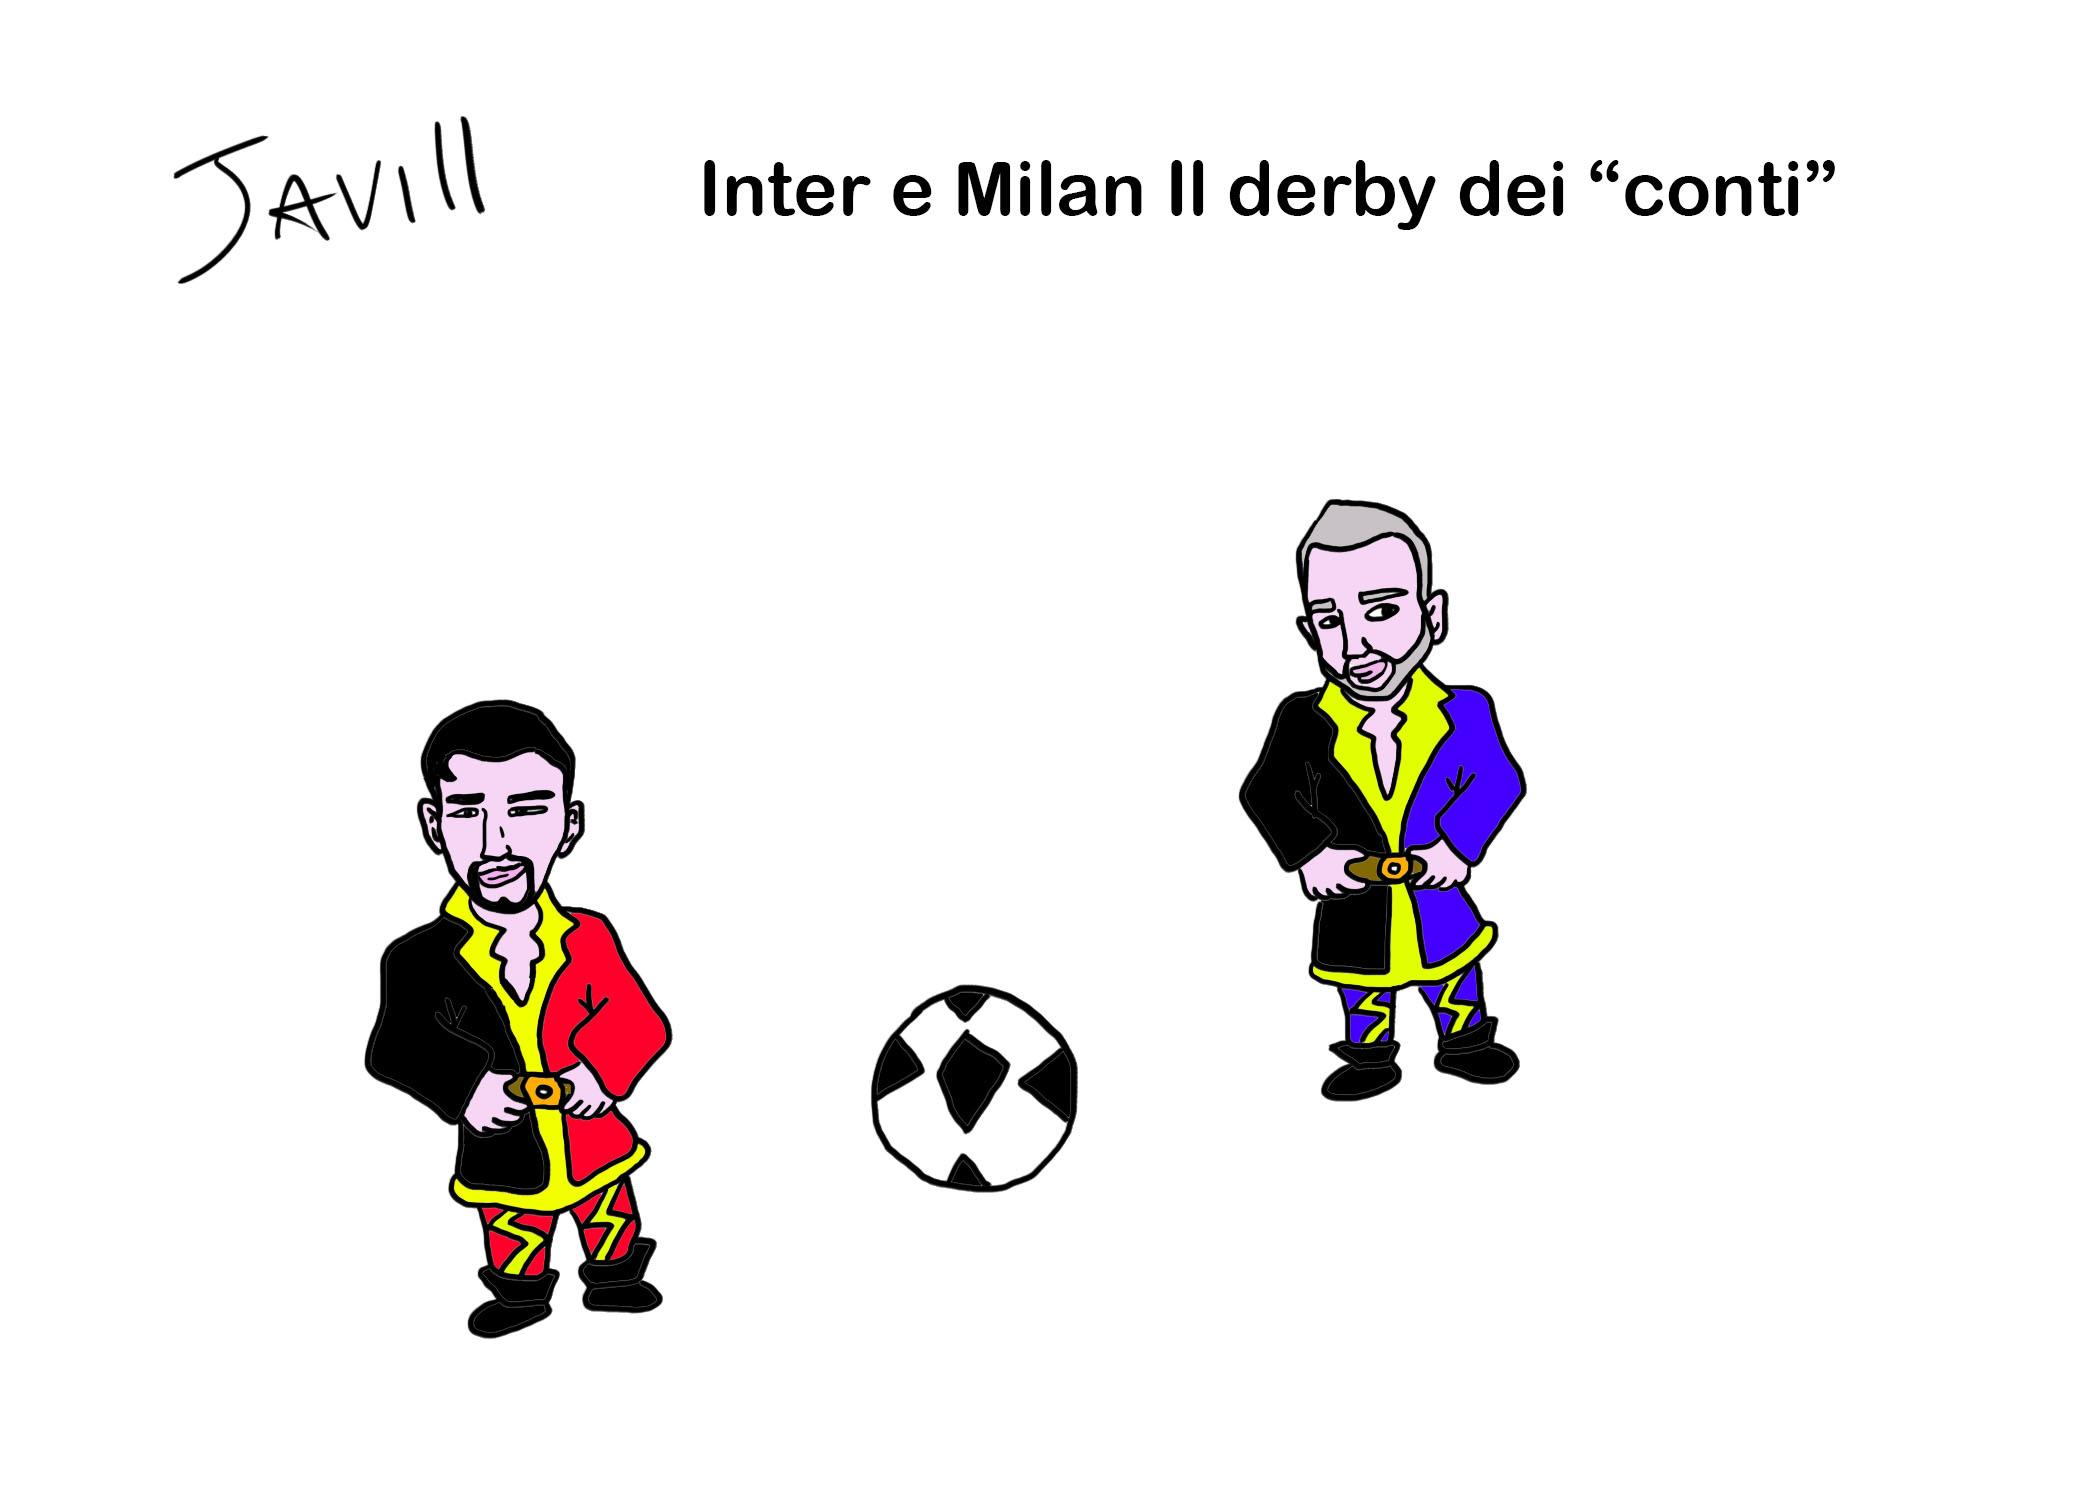 INTER E MILAN IL DERBY DEI CONTI